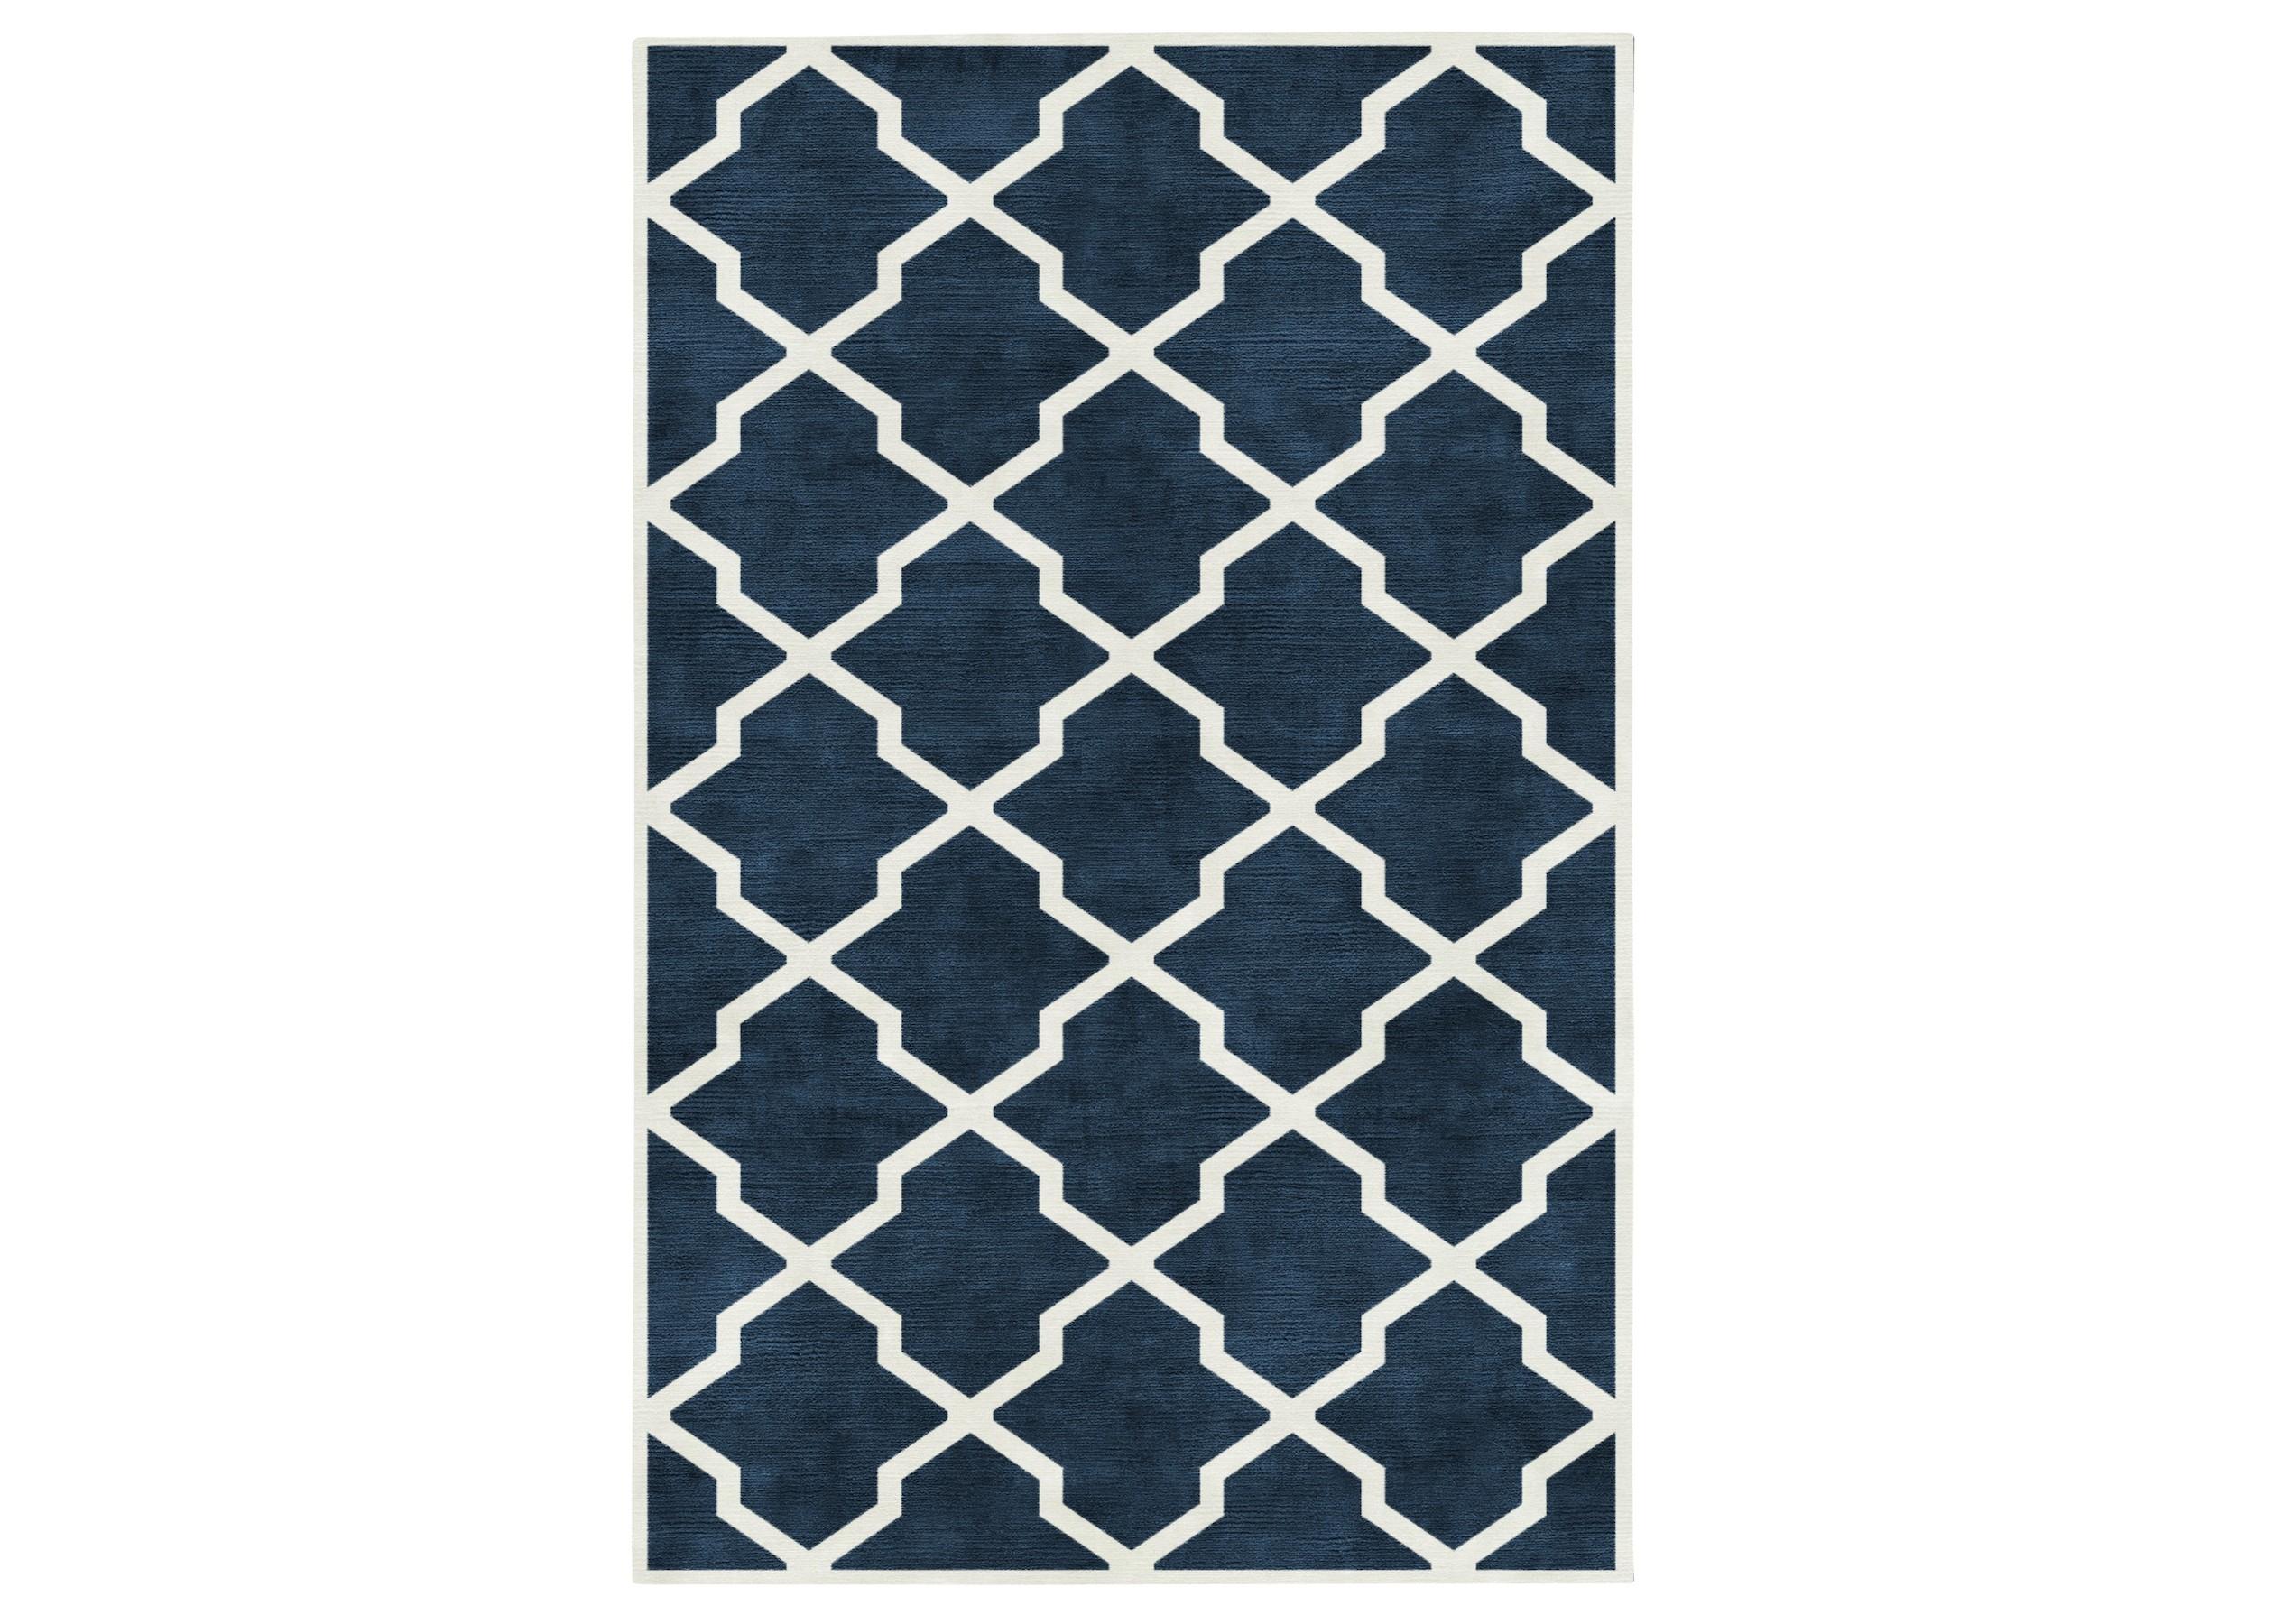 Ковер Lattice 200x280Прямоугольные ковры<br><br><br>Material: Шерсть<br>Ширина см: 200<br>Глубина см: 280